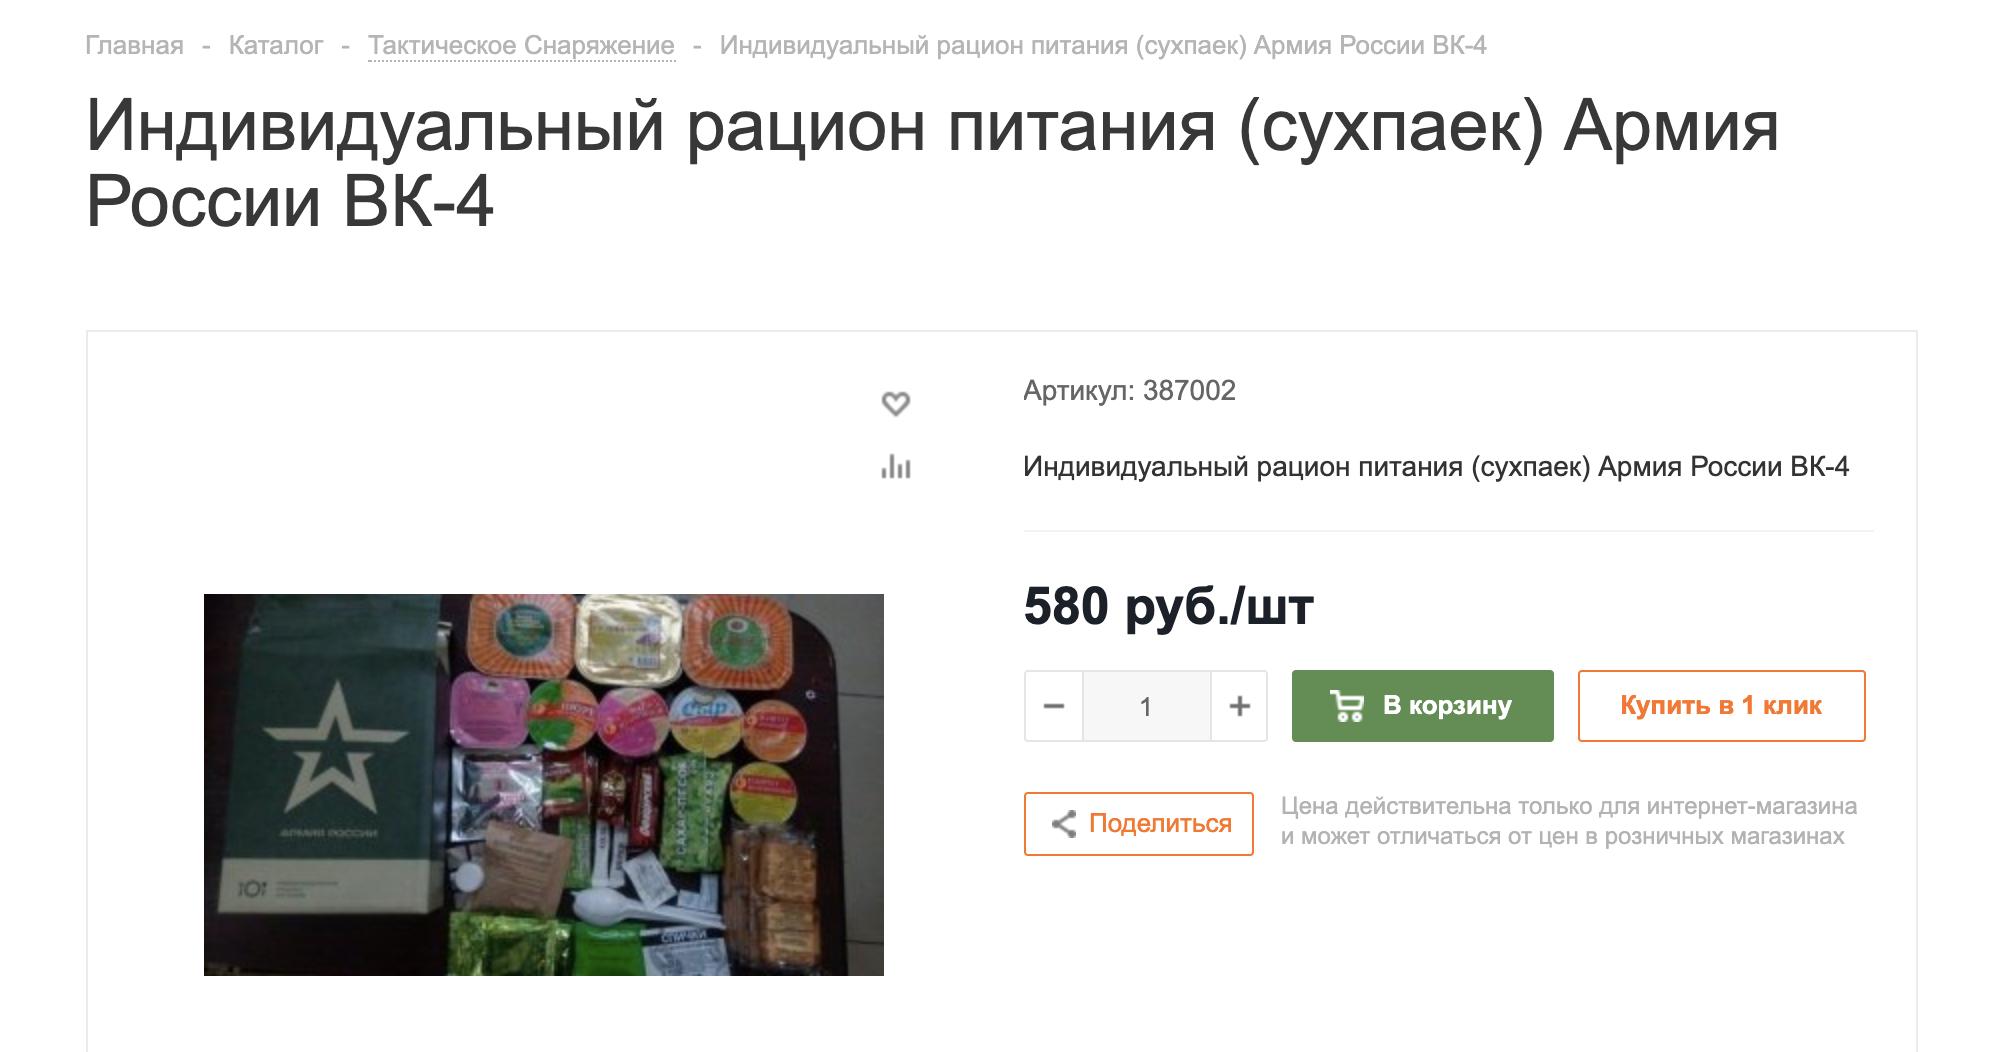 Сухпаек в интернет-магазине Savay, консервы в разрешенной мягкой упаковке